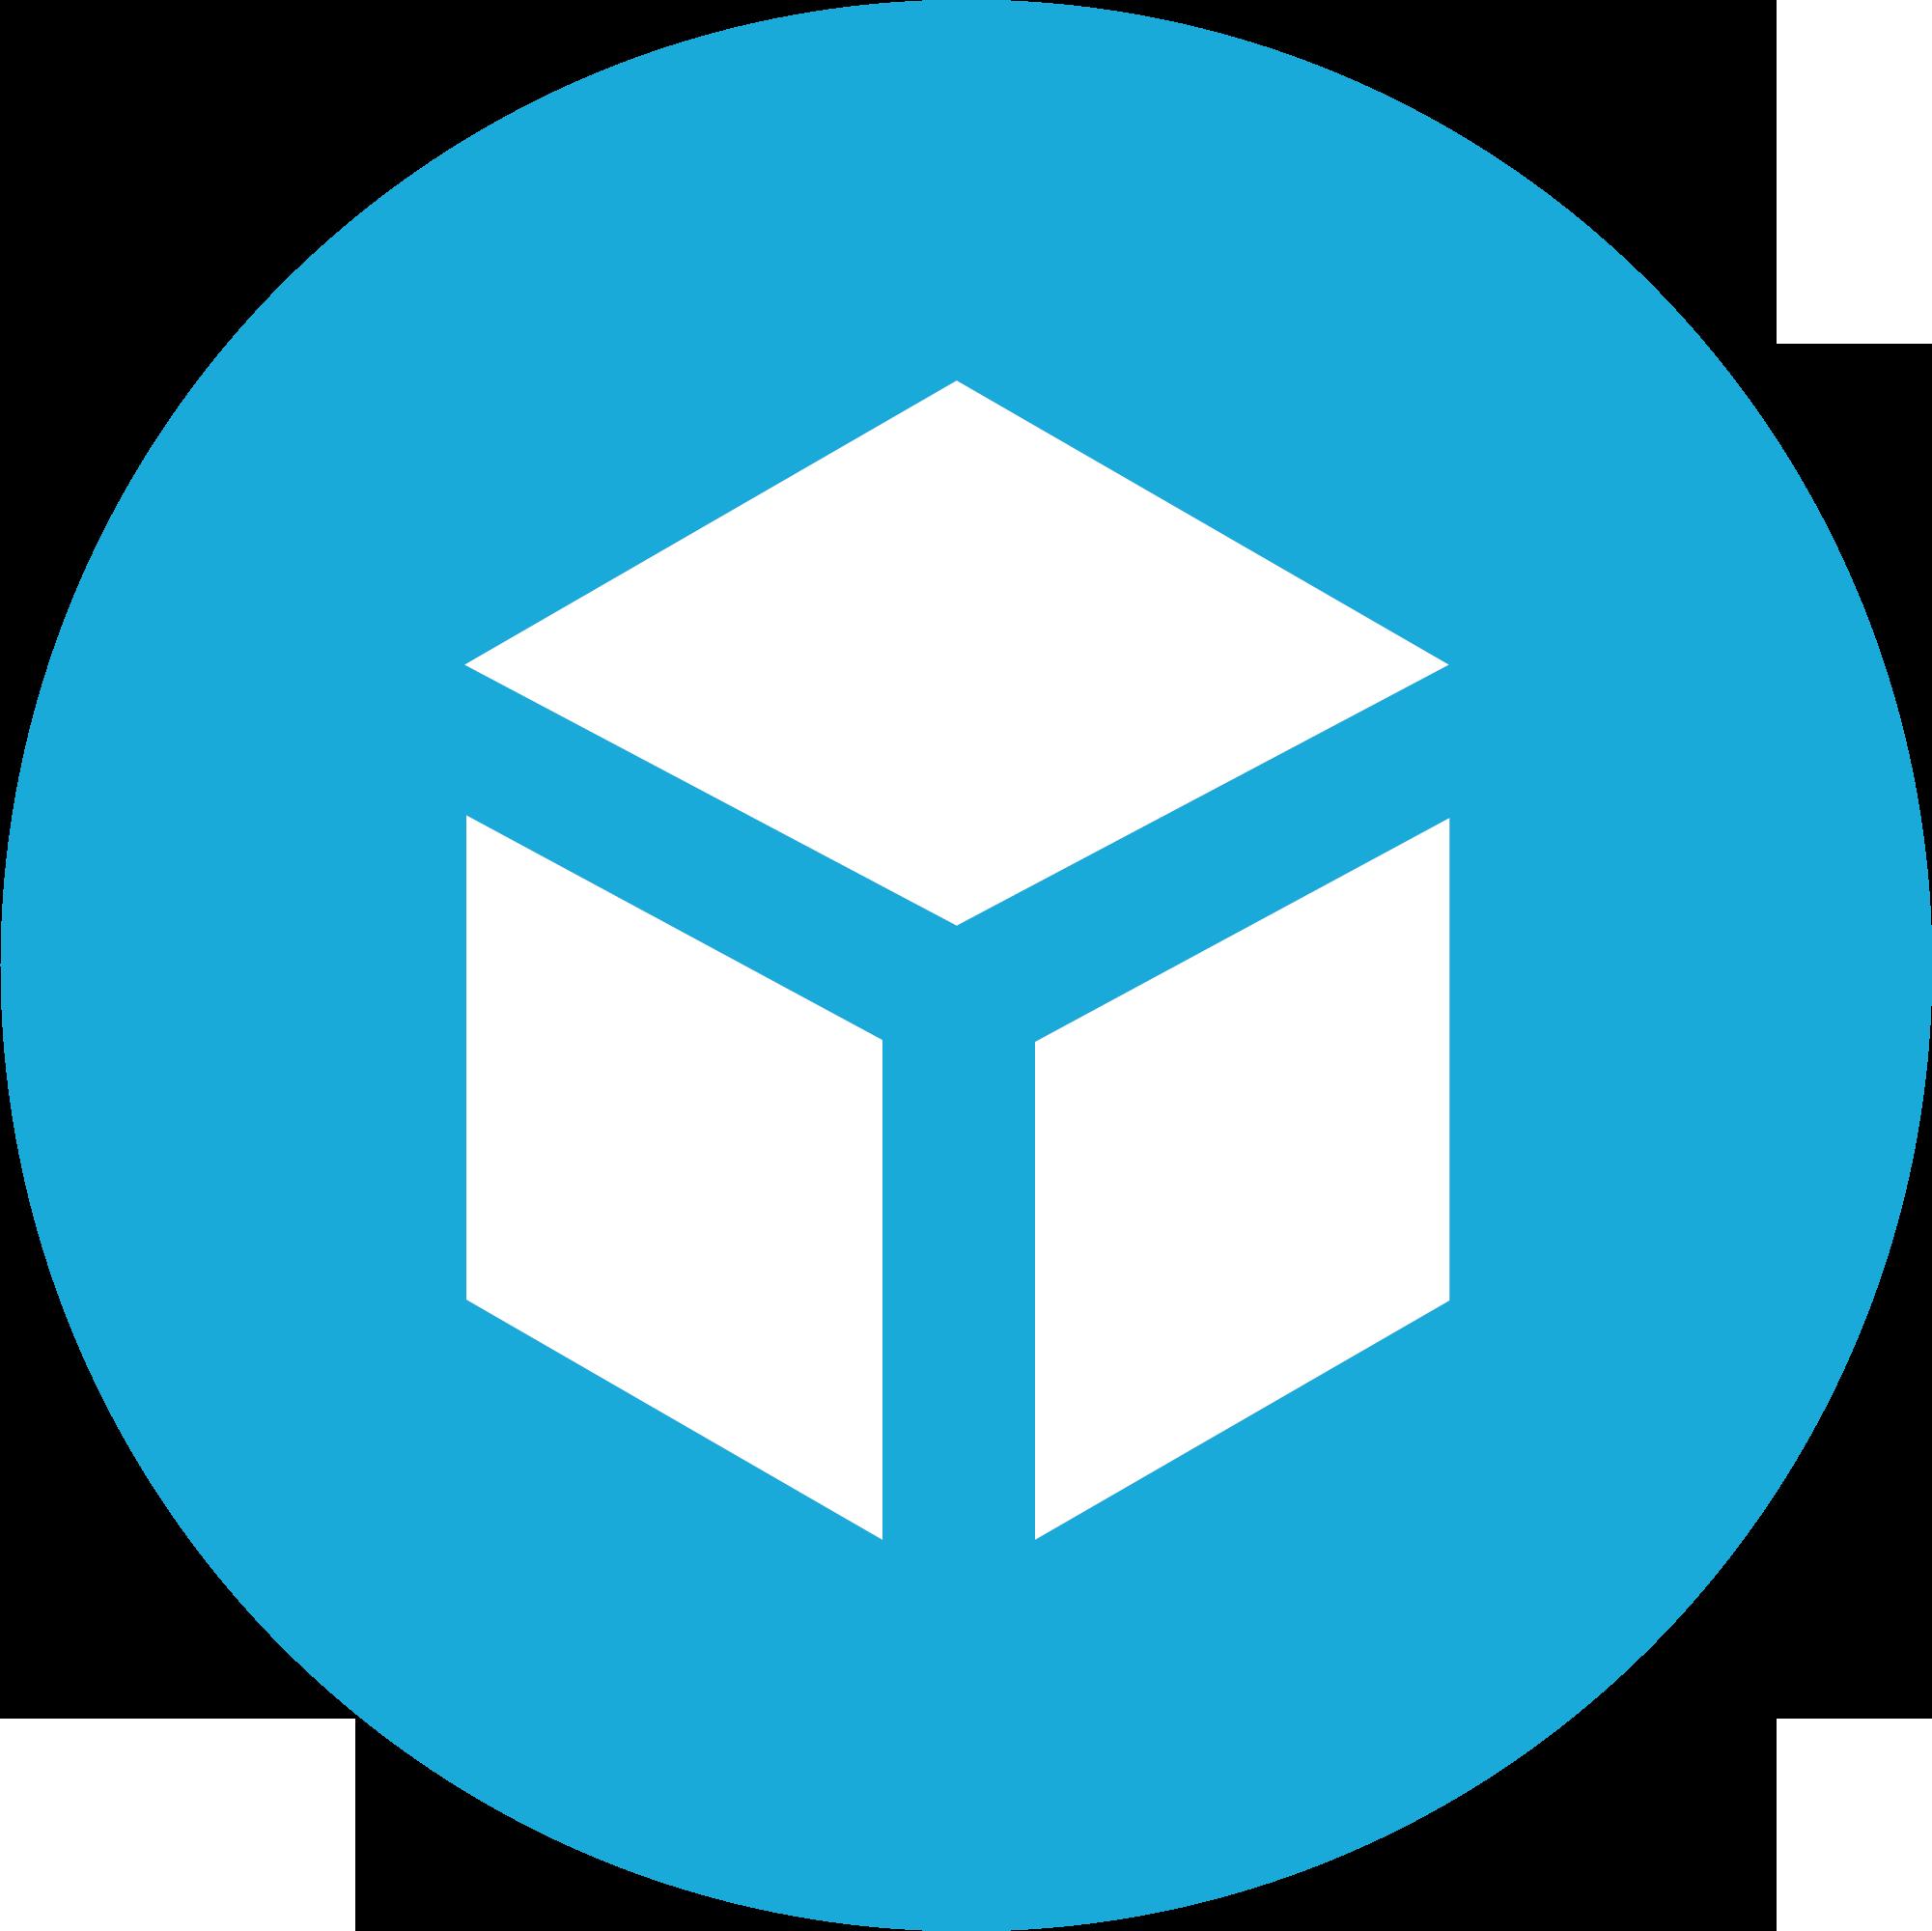 sketchfab-logo